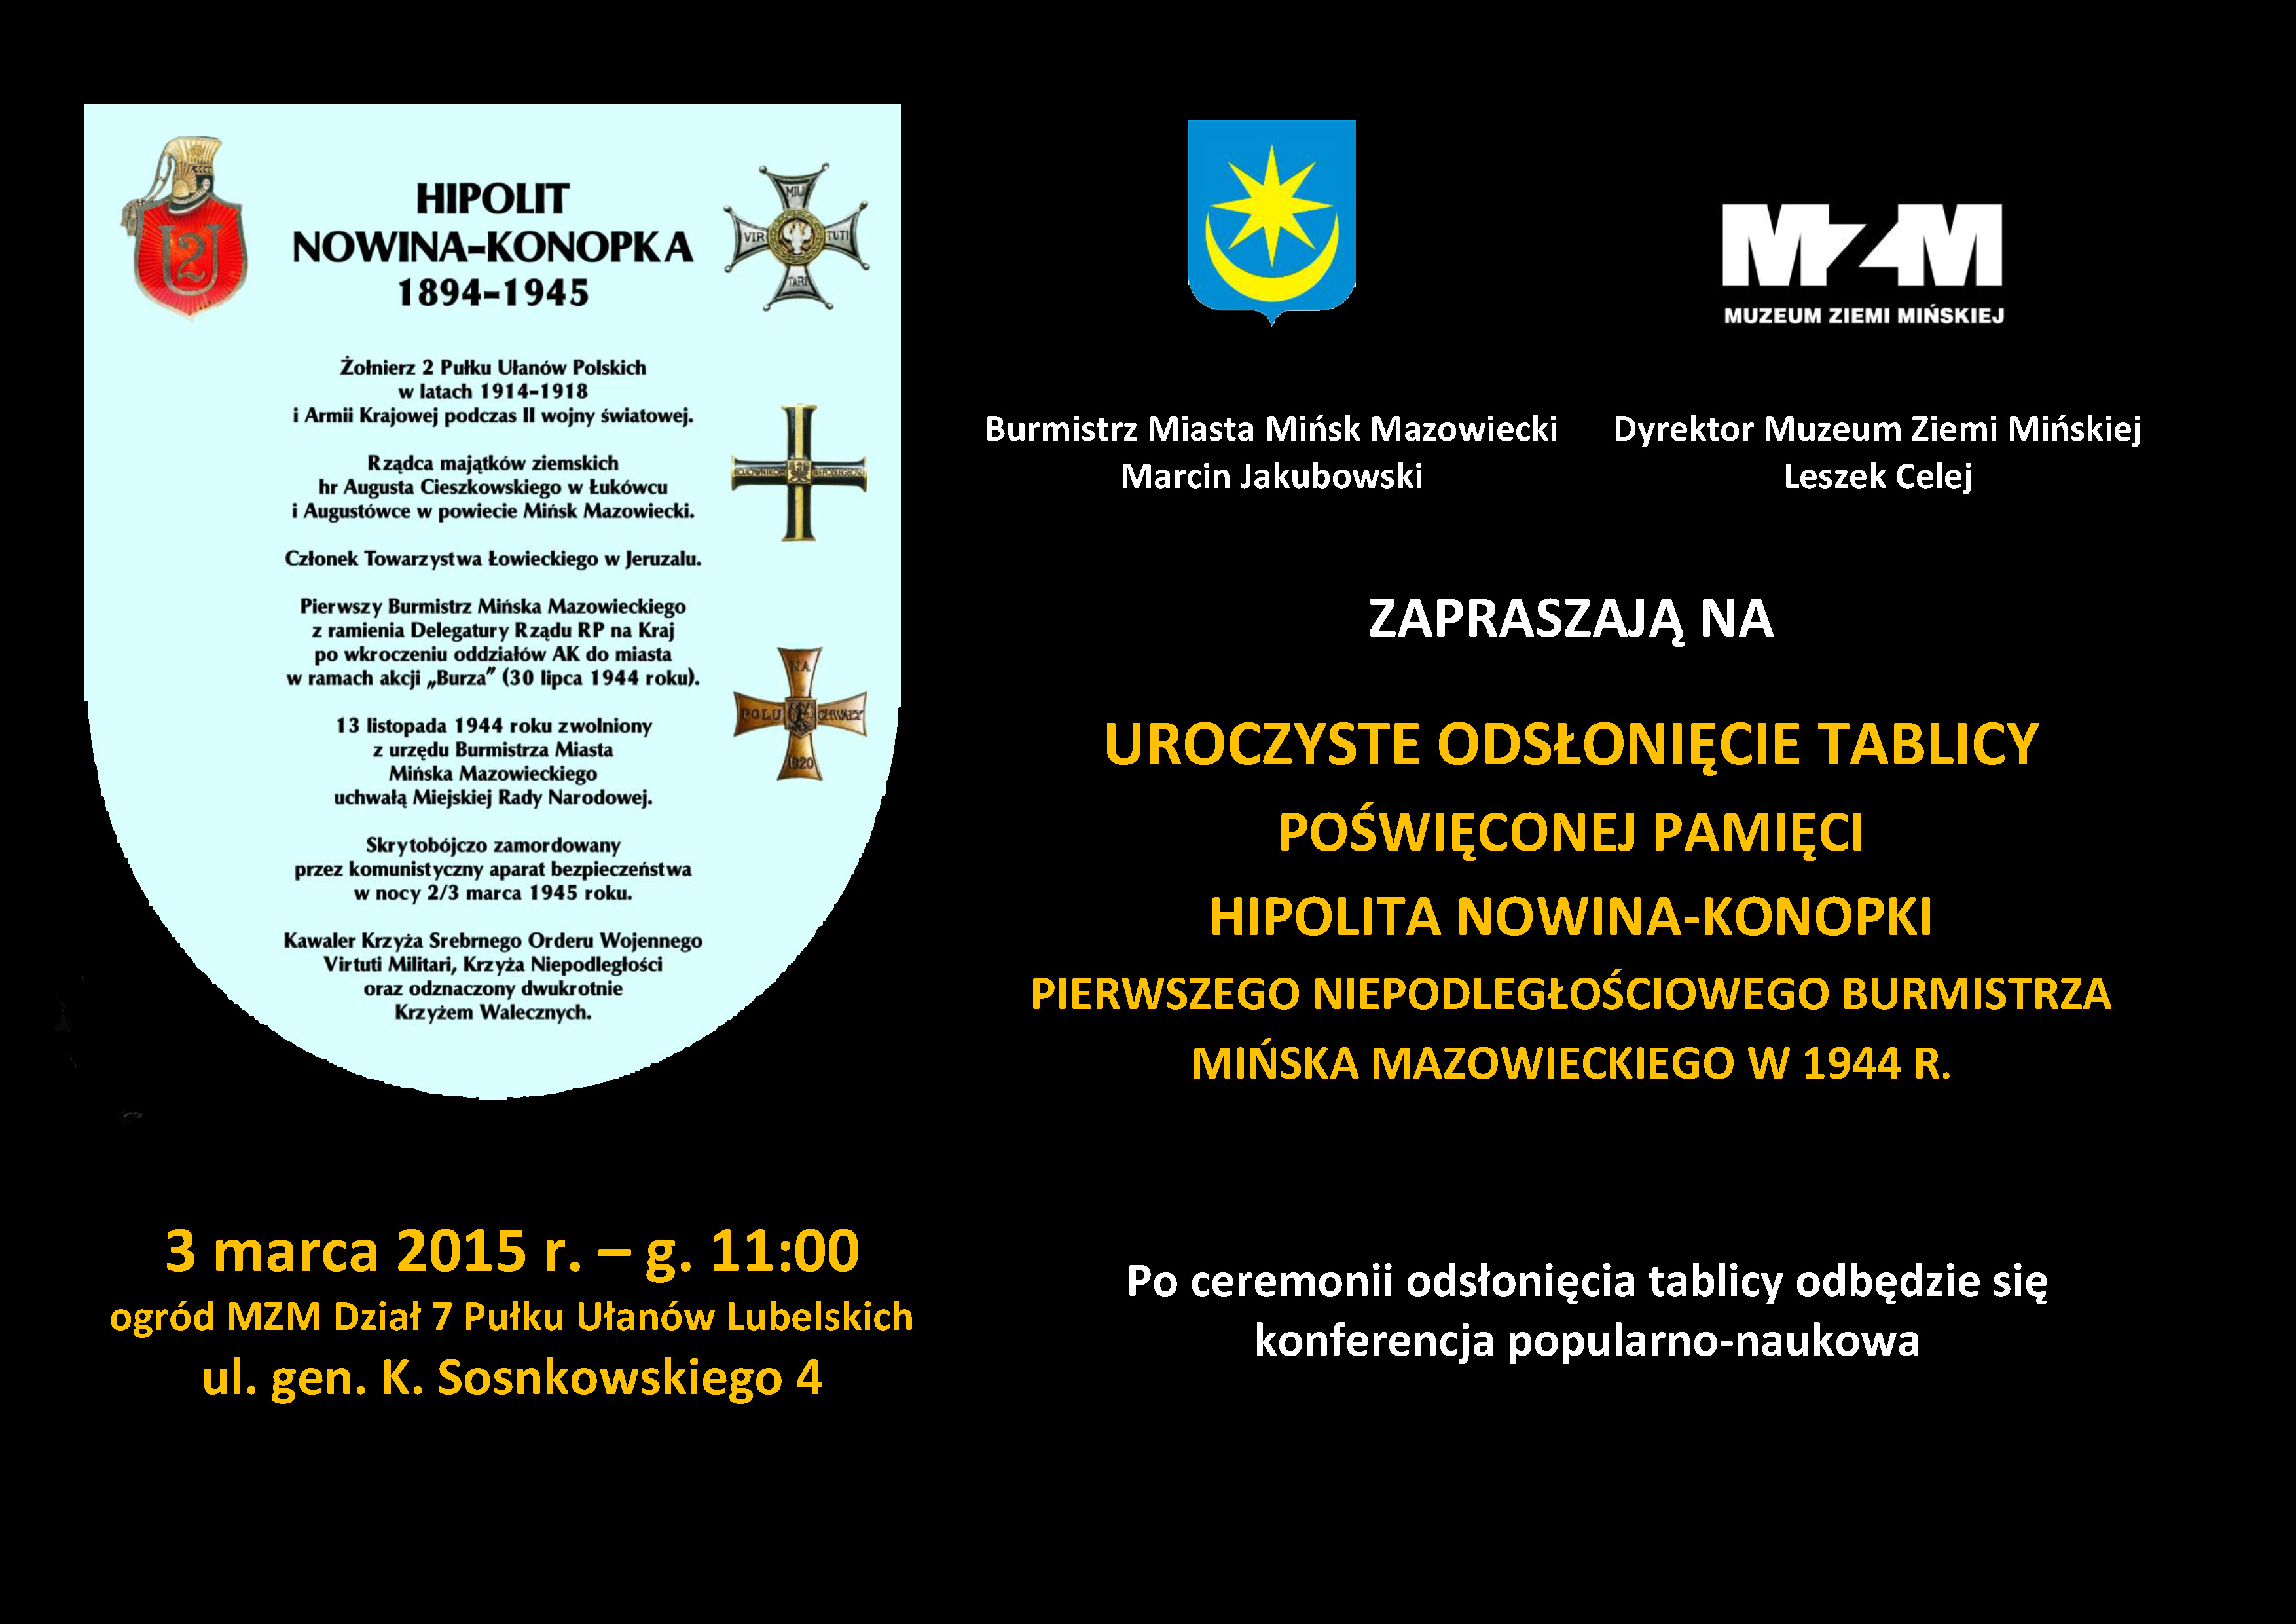 Odsłonięcie tablicy pamięci Hipolita Nowina-Konopki